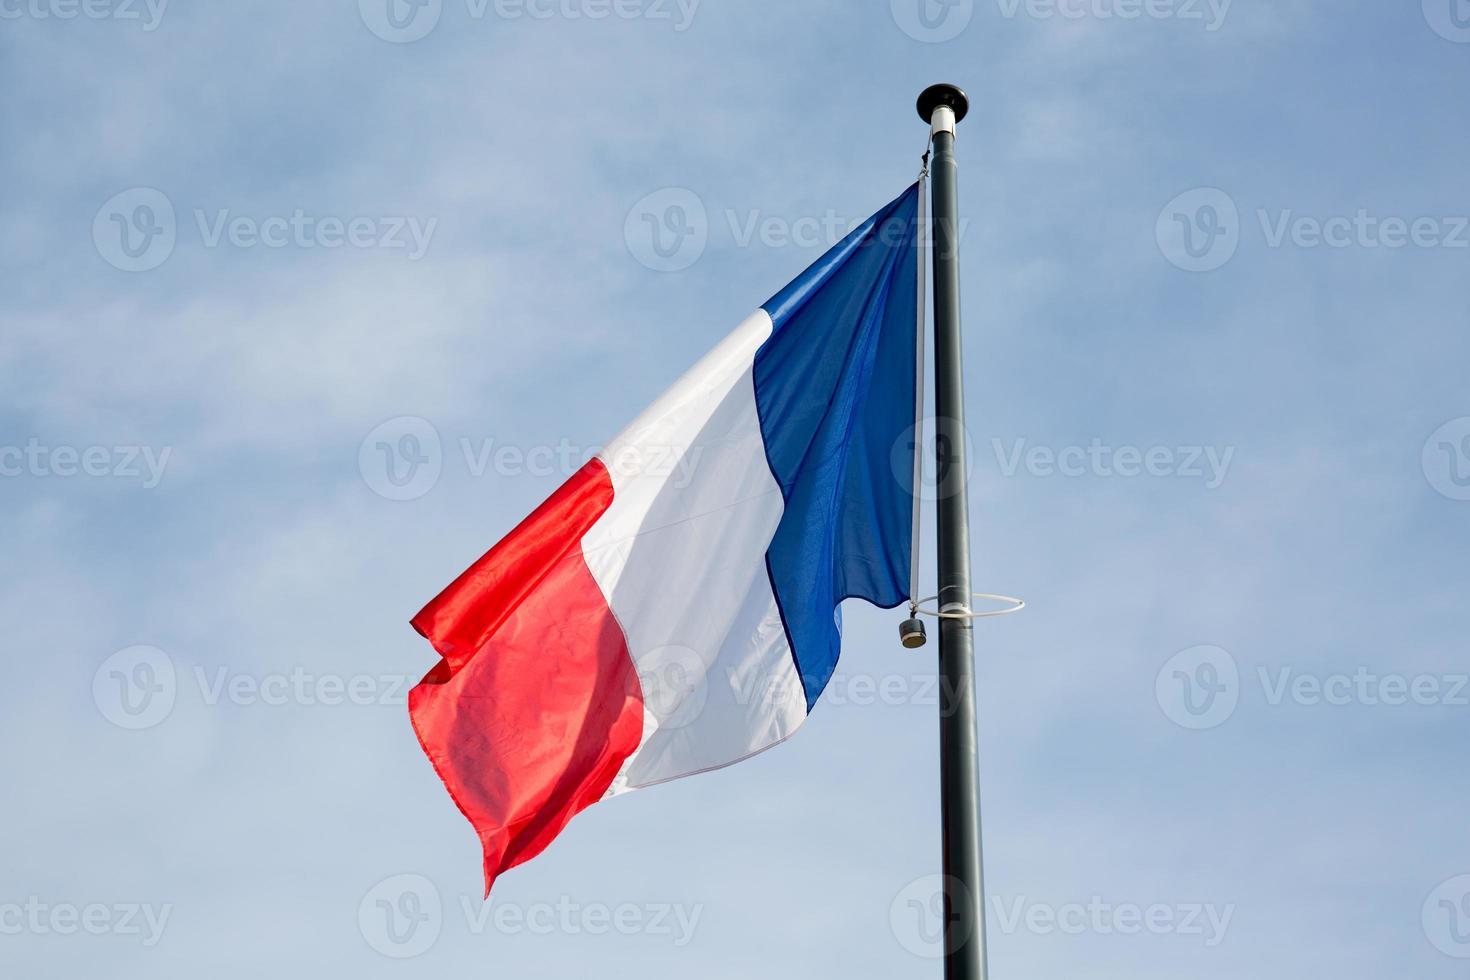 drapeau français sous le ciel bleu photo